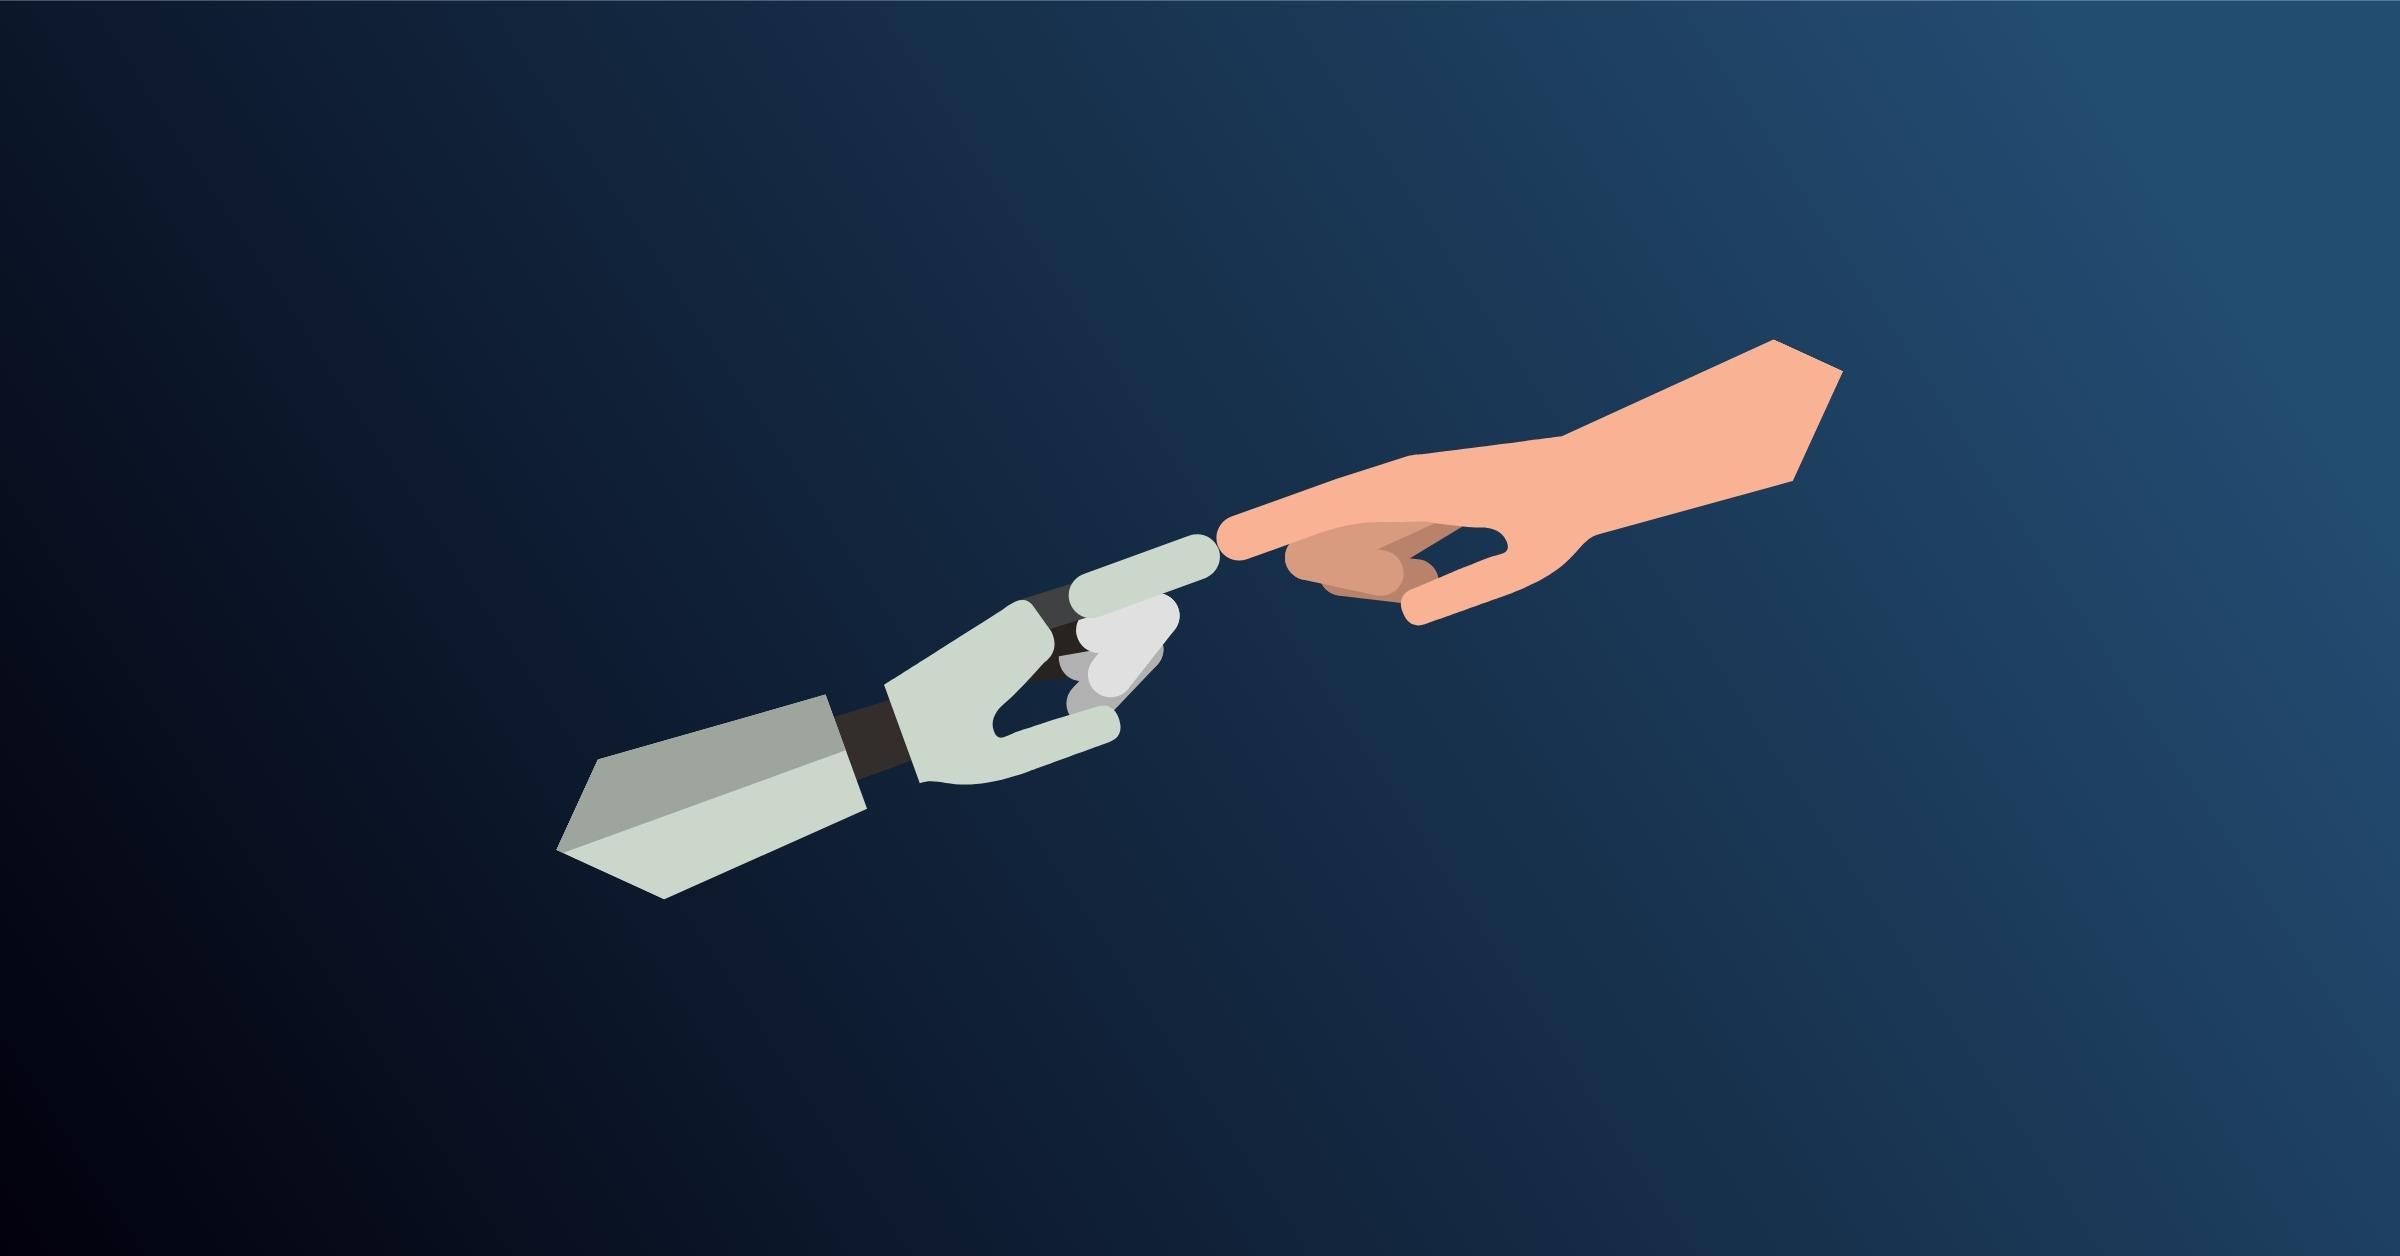 De 10 onmisbare skills van de toekomst: zo speel je erop in